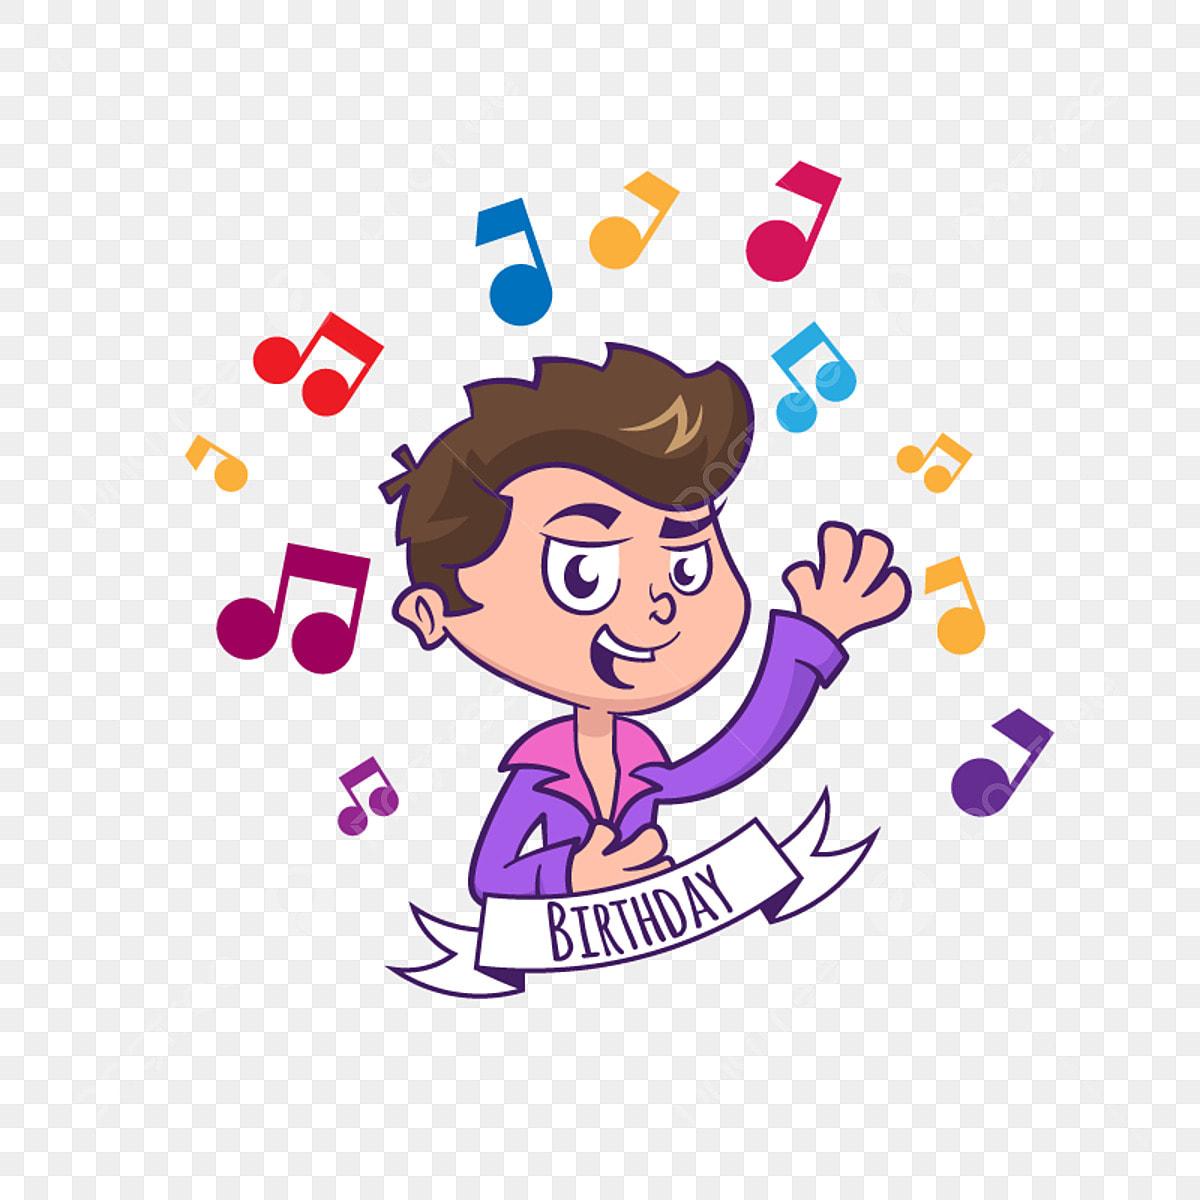 Carte D Anniversaire Avec Garcon Mignon Et Musique Anniversaire La Musique Heureux Png Et Vecteur Pour Telechargement Gratuit